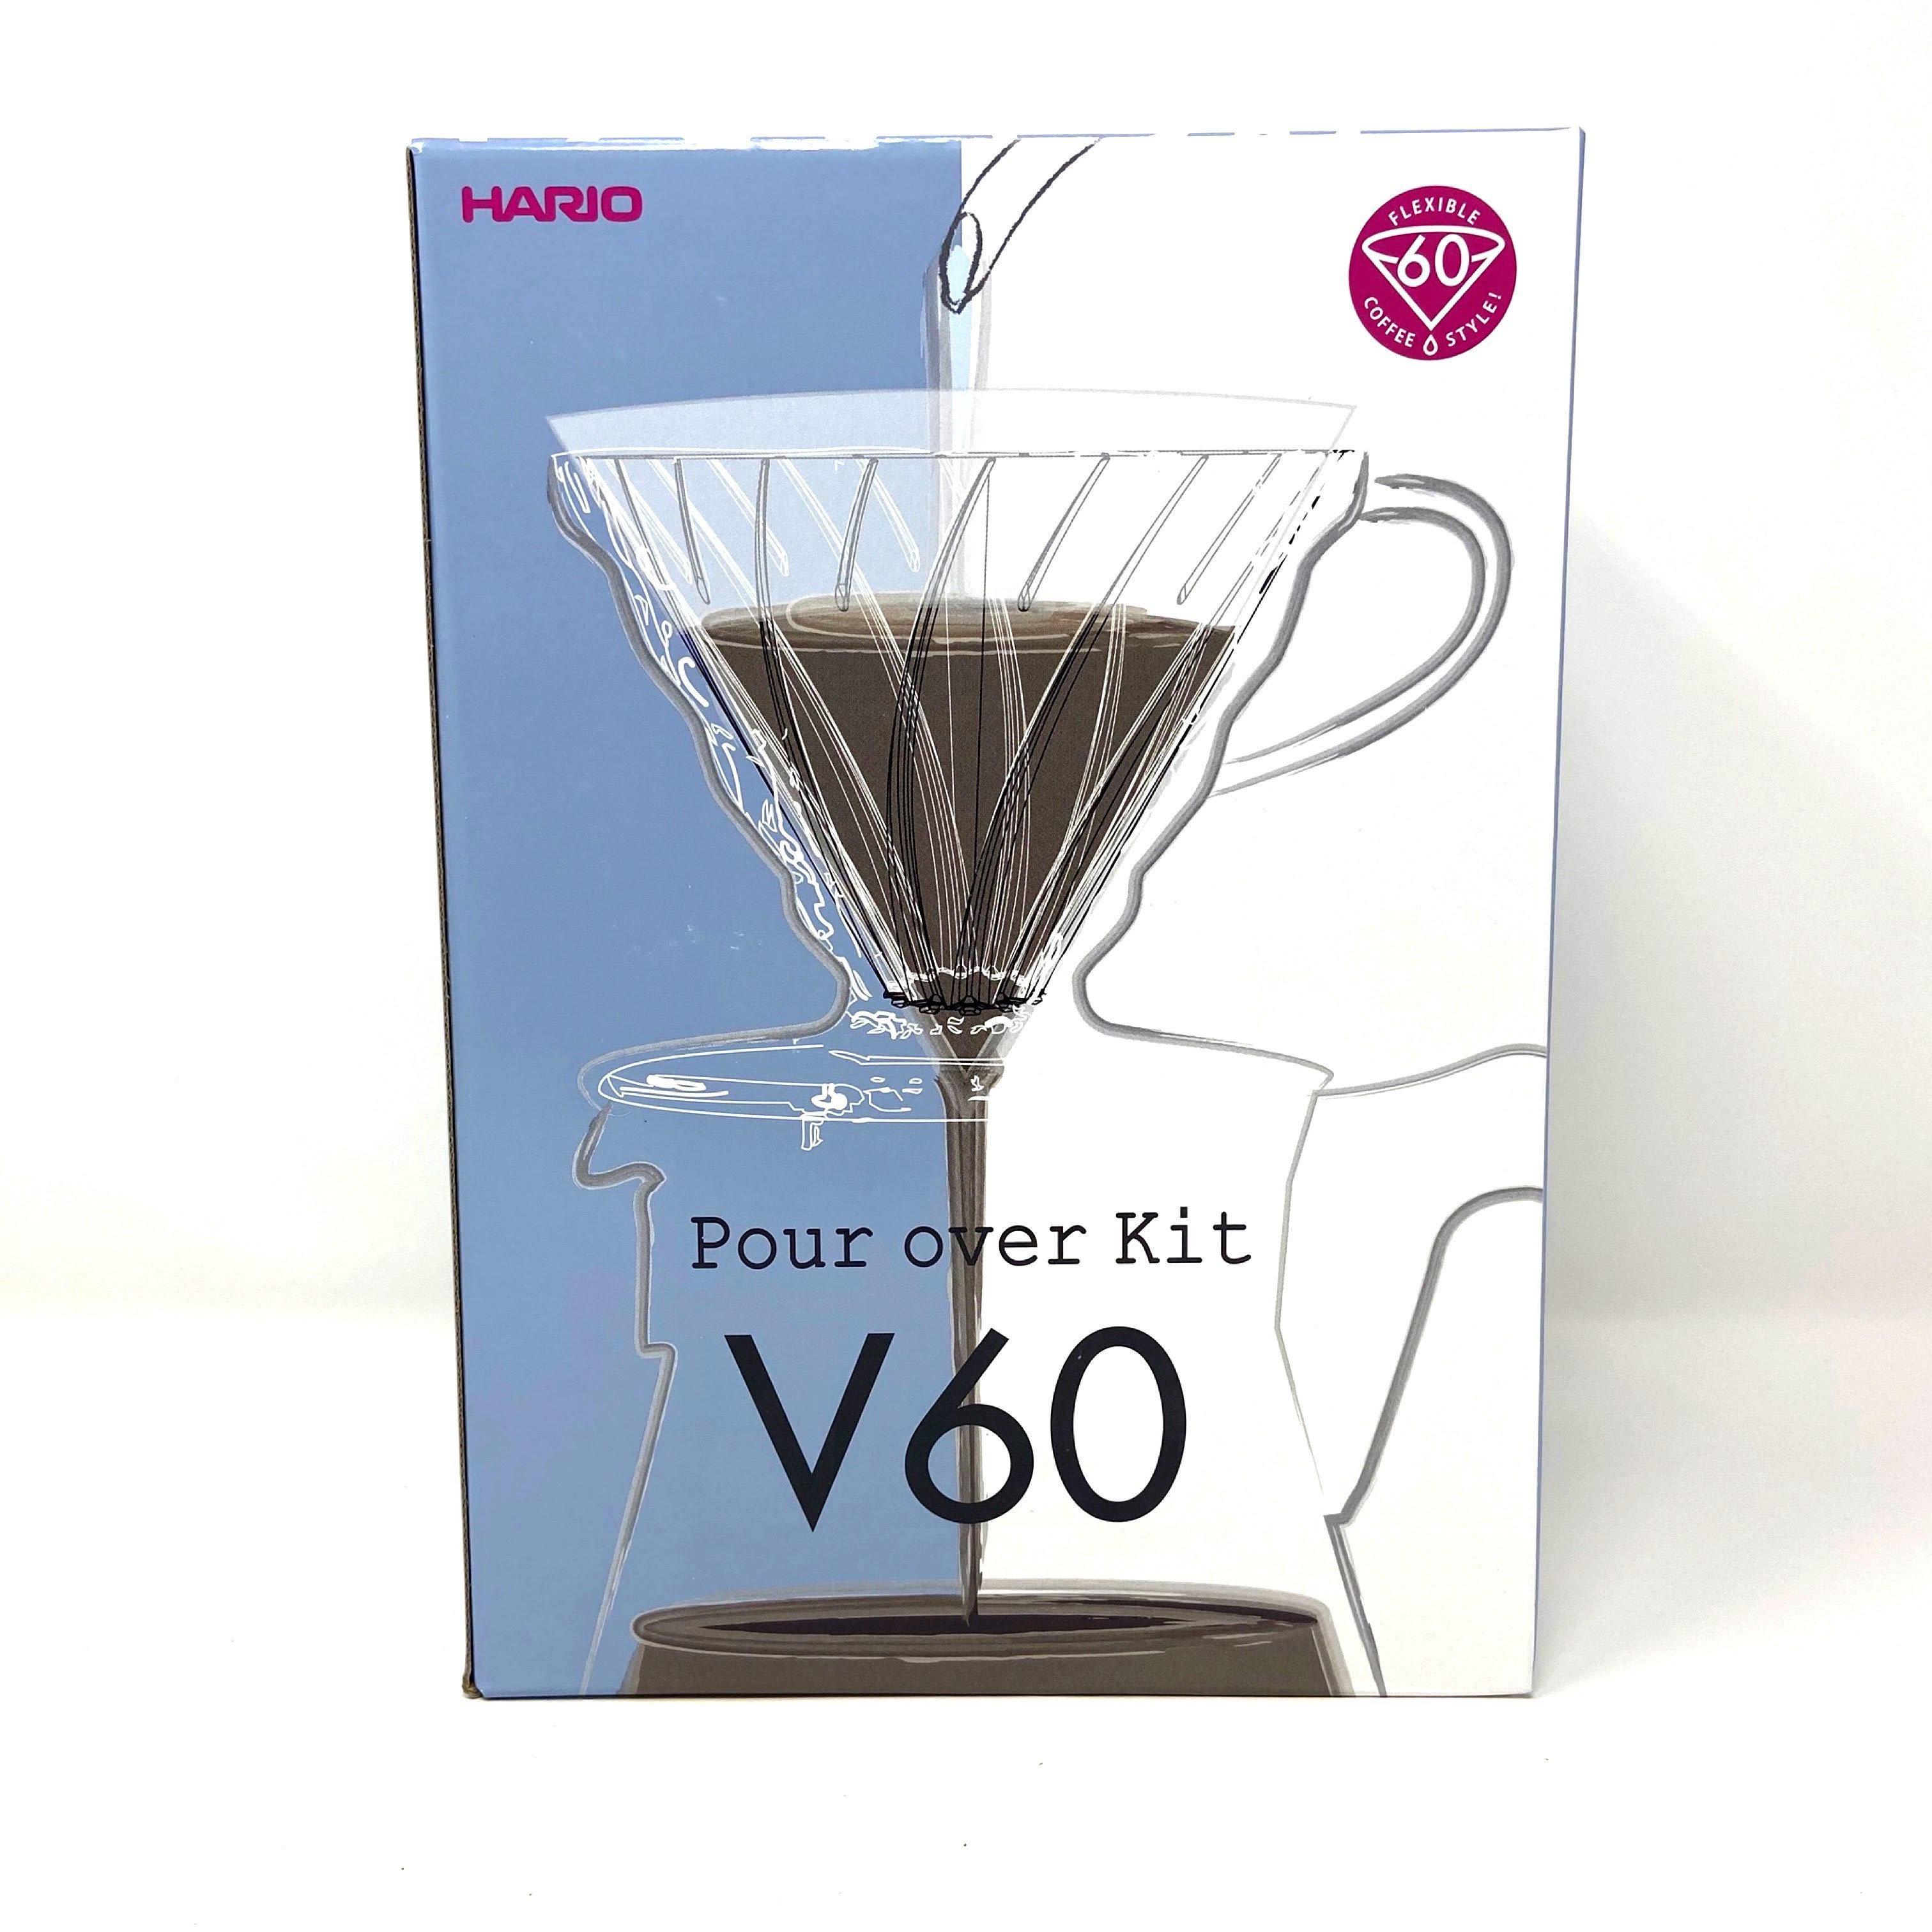 V60 Pourover Kit